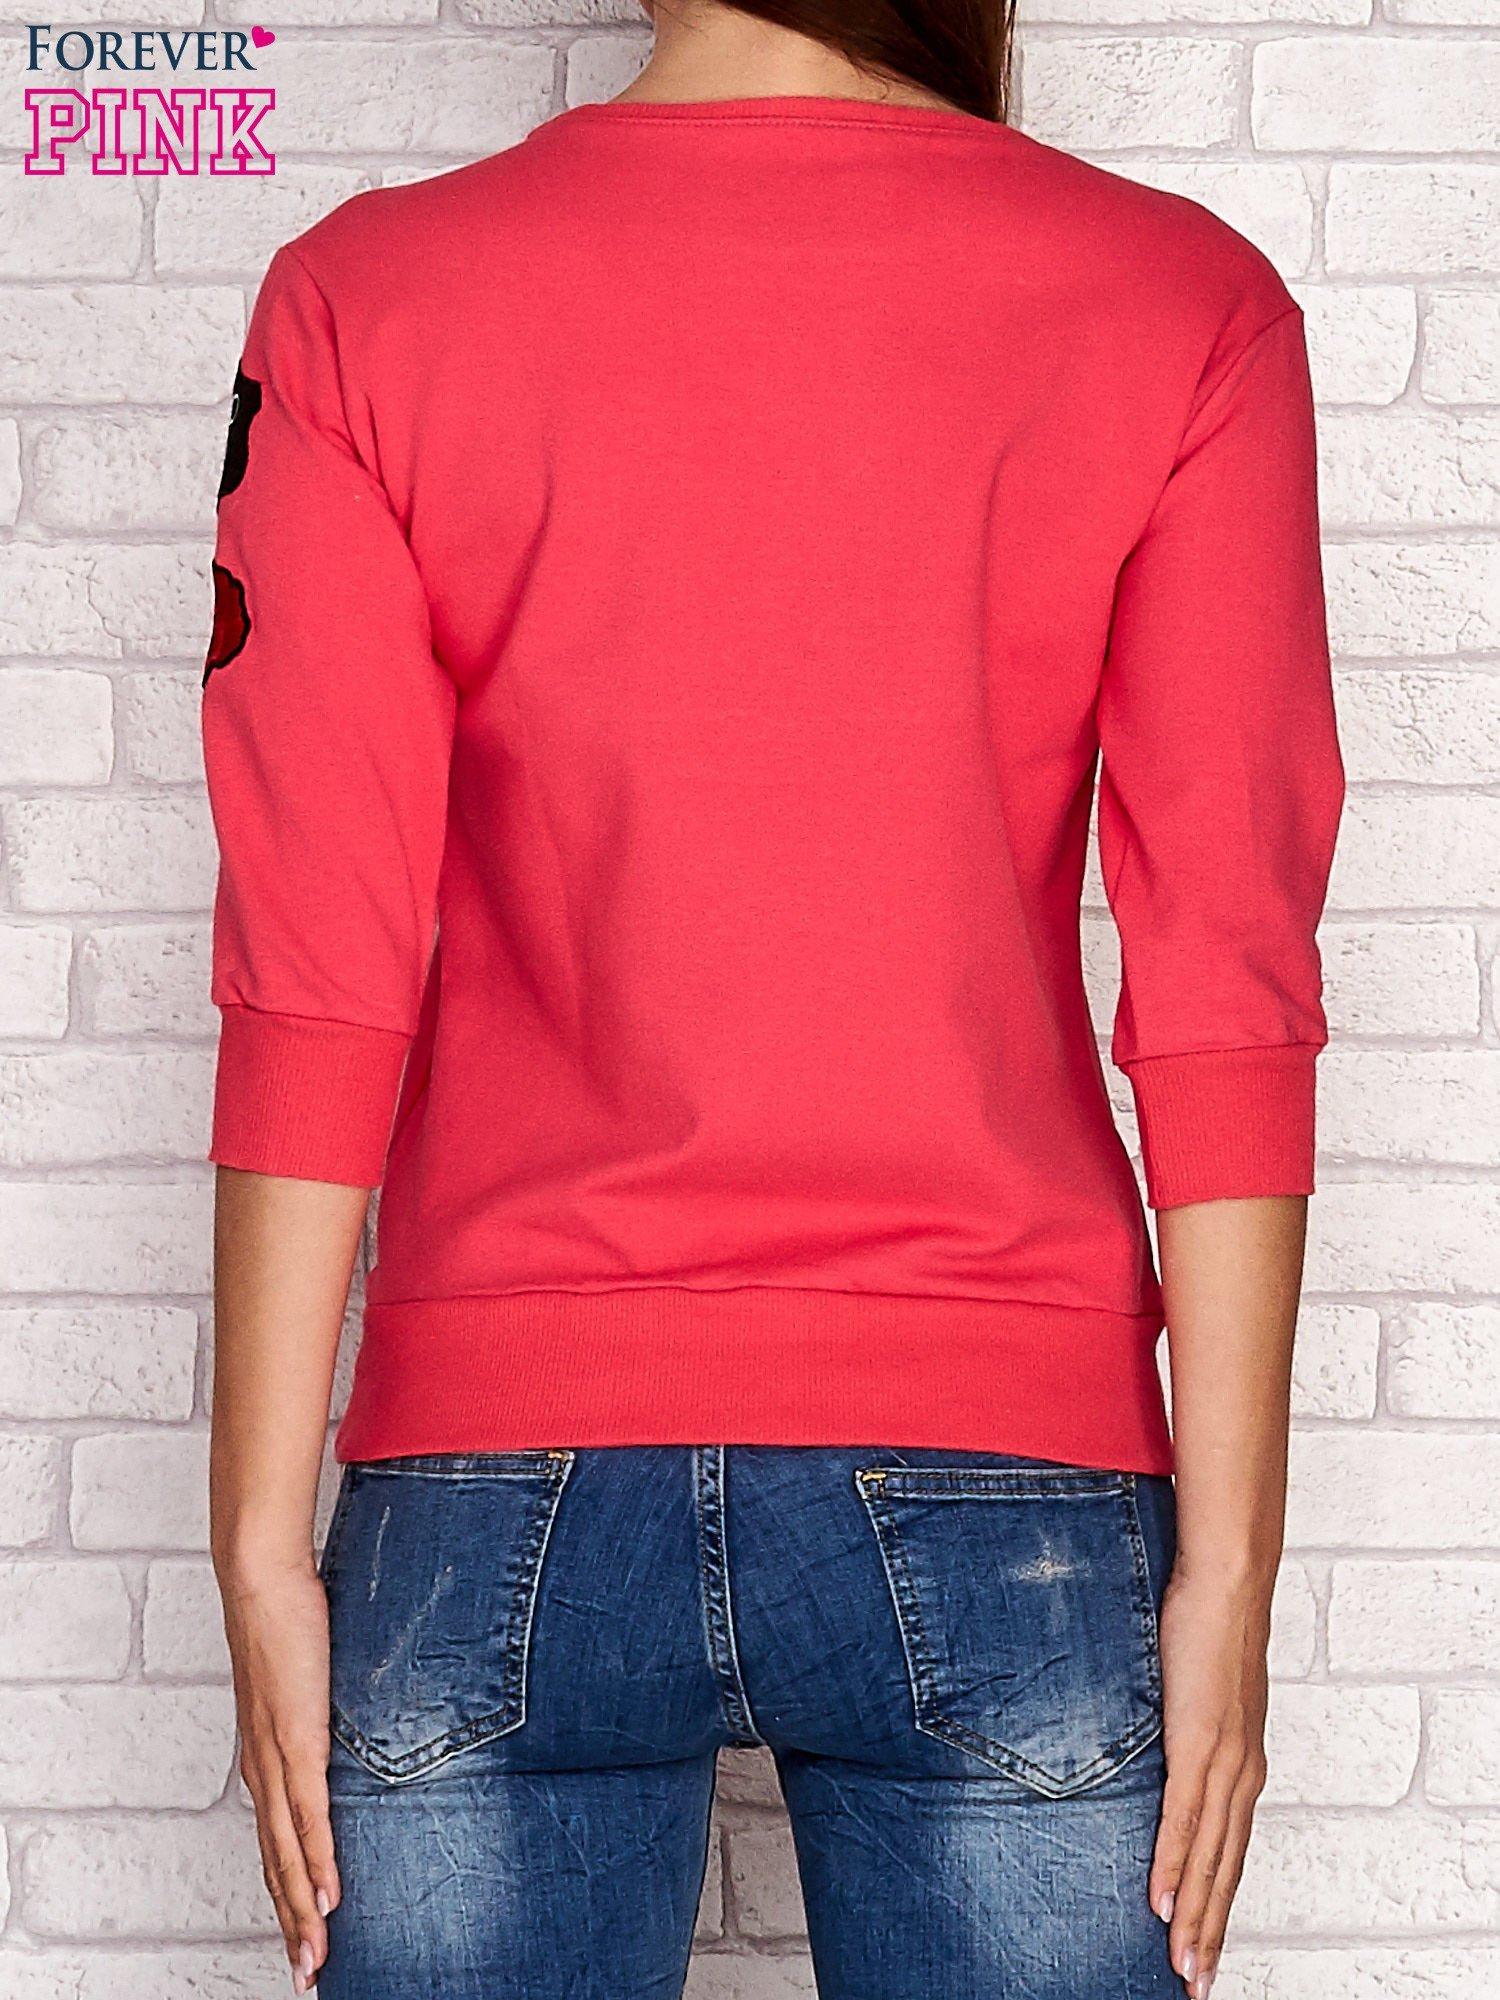 Koralowa bluza z naszywkami na rękawie                                  zdj.                                  4